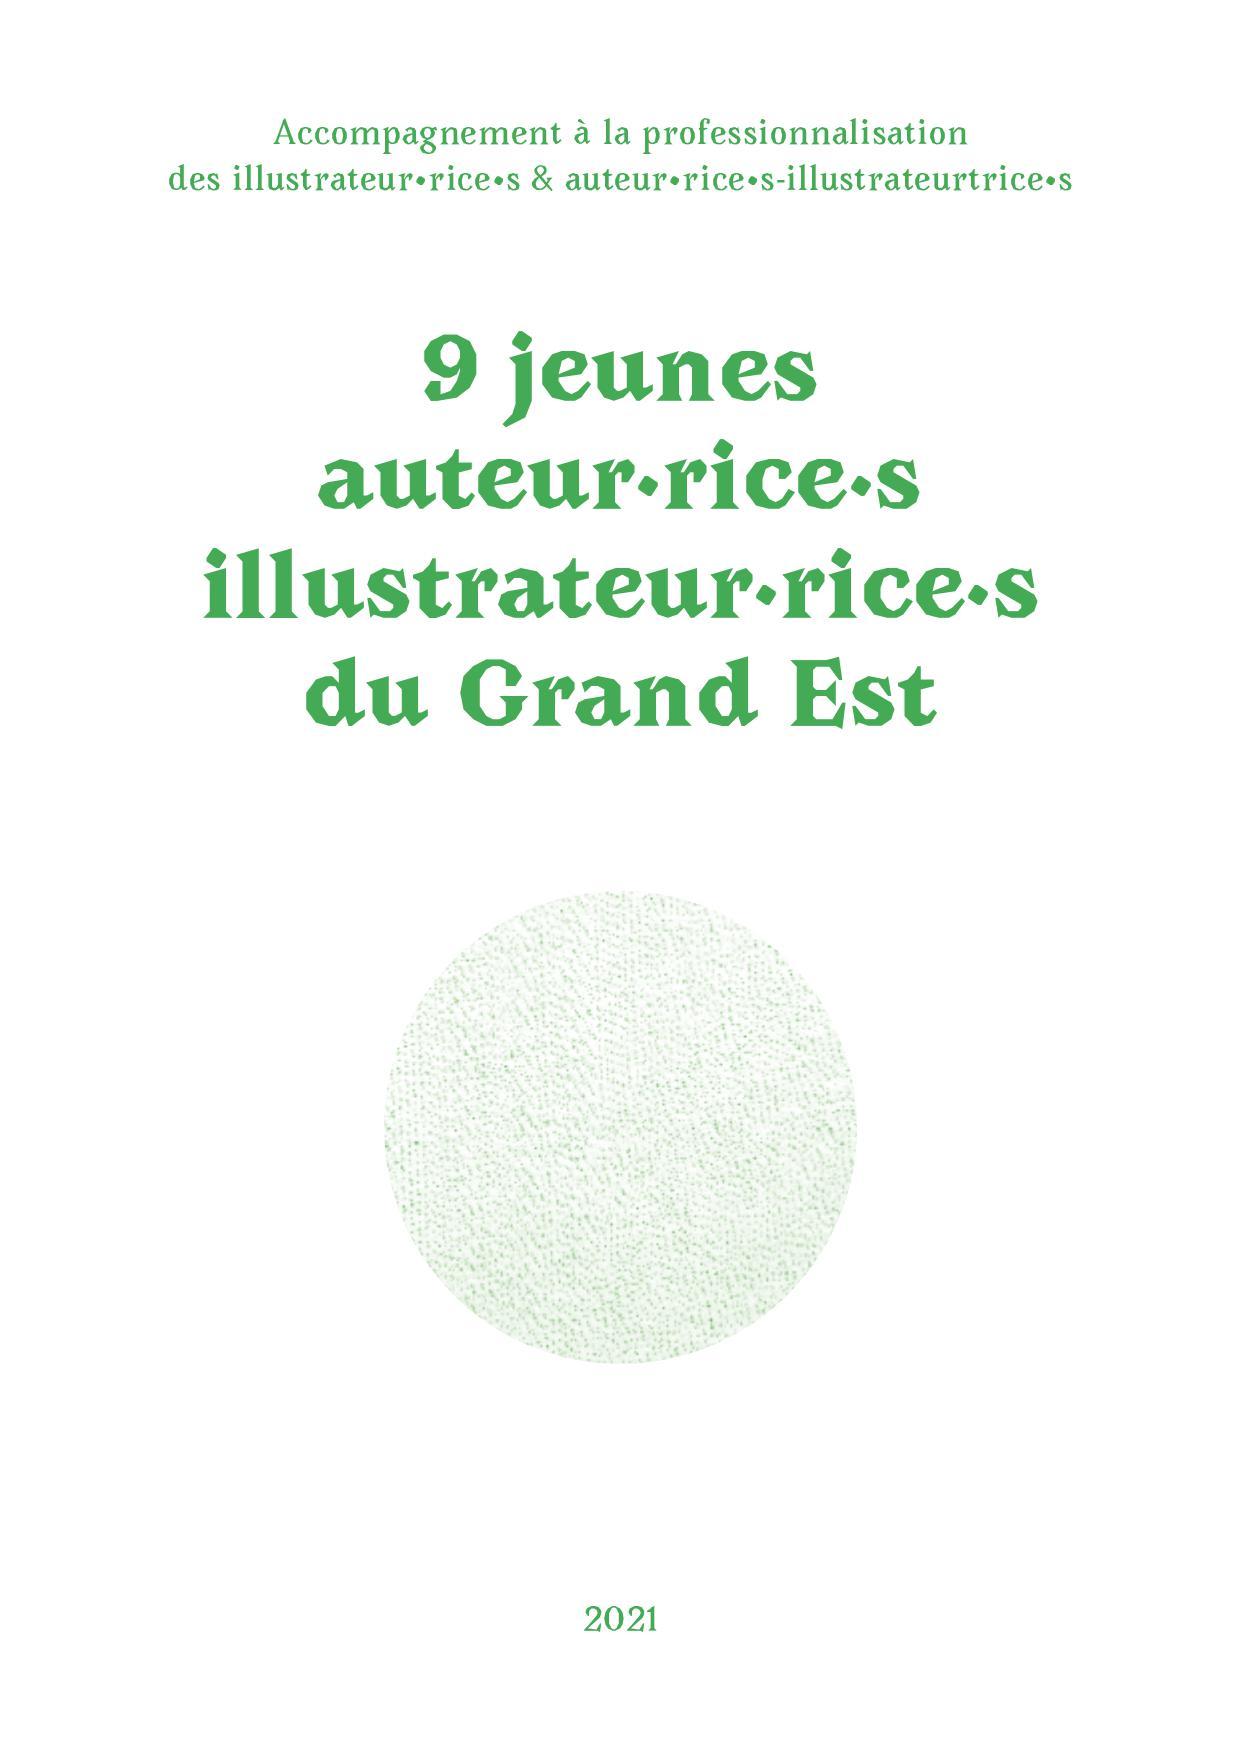 Région Grand Est / Accompagnement à la professionnalisation des illustrateurs et auteurs-illustrateurs